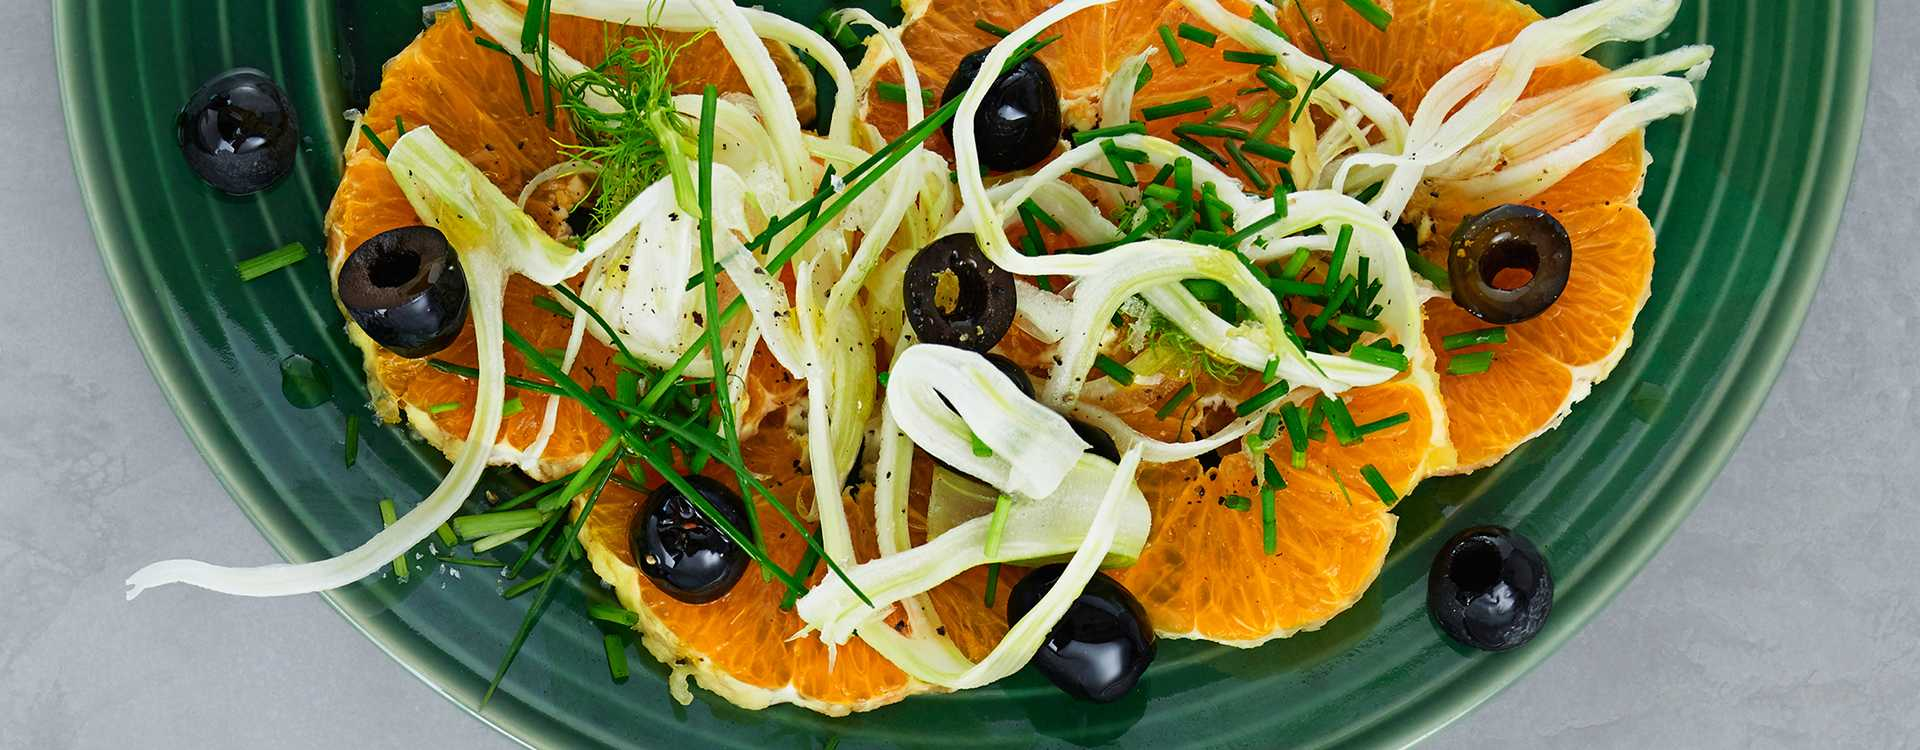 Appelsinsalat med fennikel